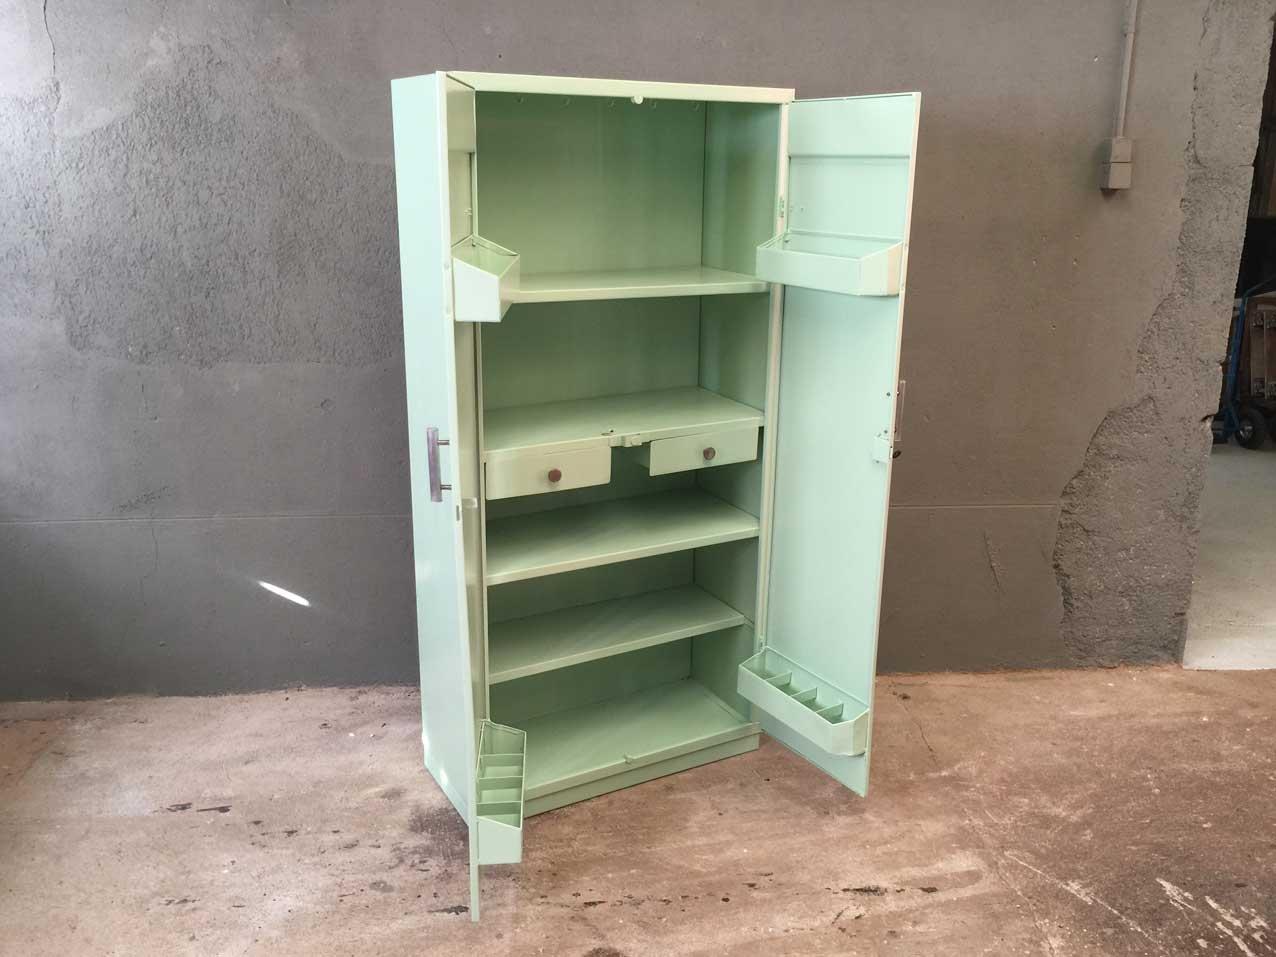 Fein Retro Küchenschränke Metall Galerie - Küchen Design Ideen ...